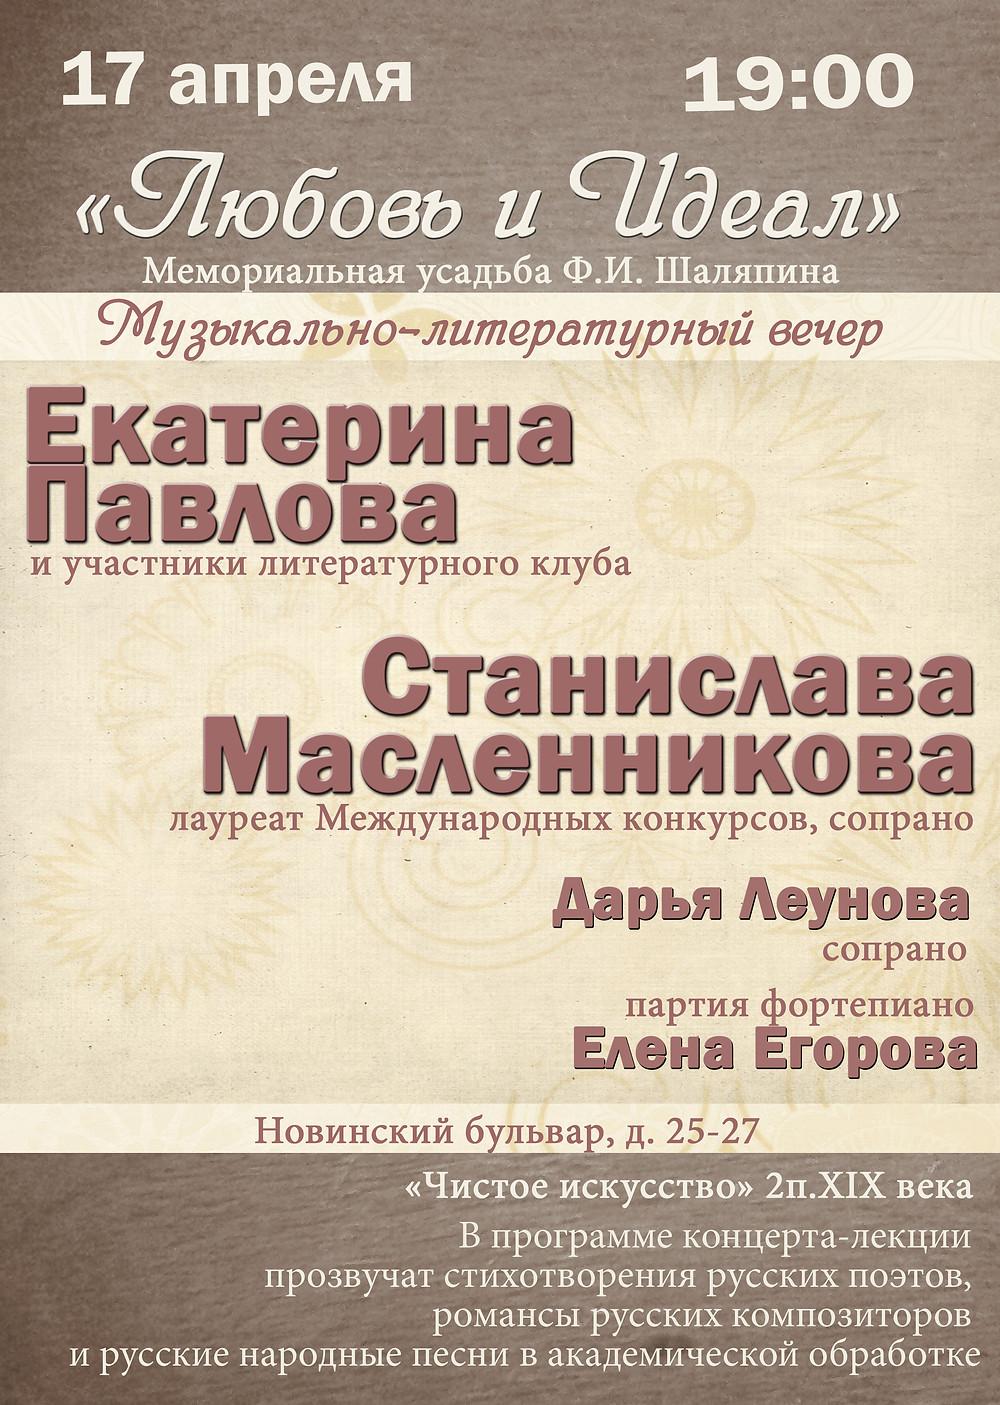 Музыкально-литературный вечер в Музее Шаляпина